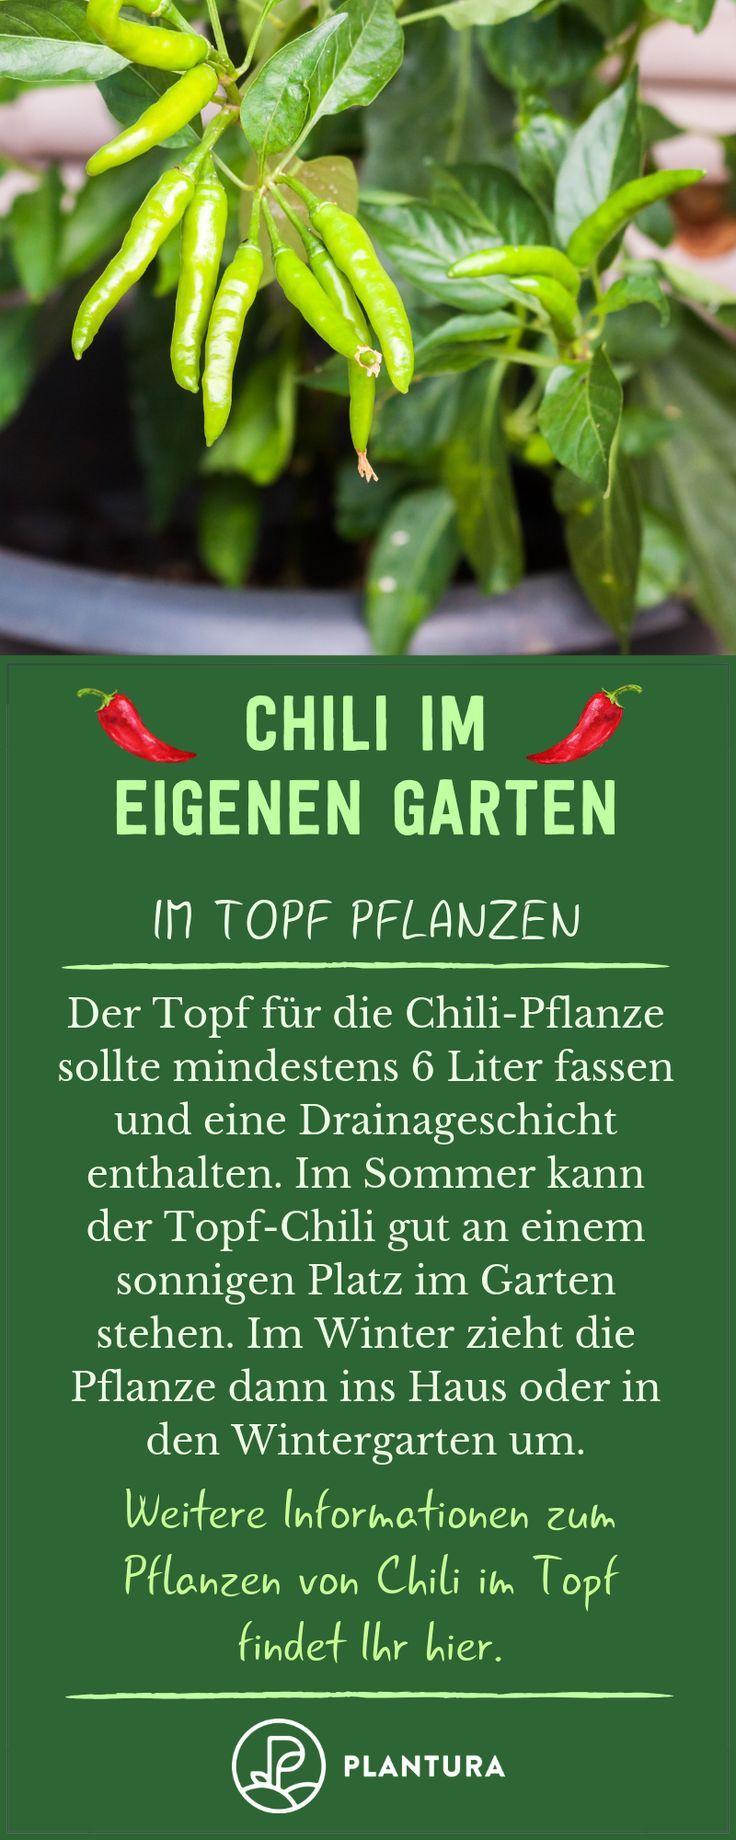 #Alles #Chili #Pflanzen #Pflegen #überwintern #Wis